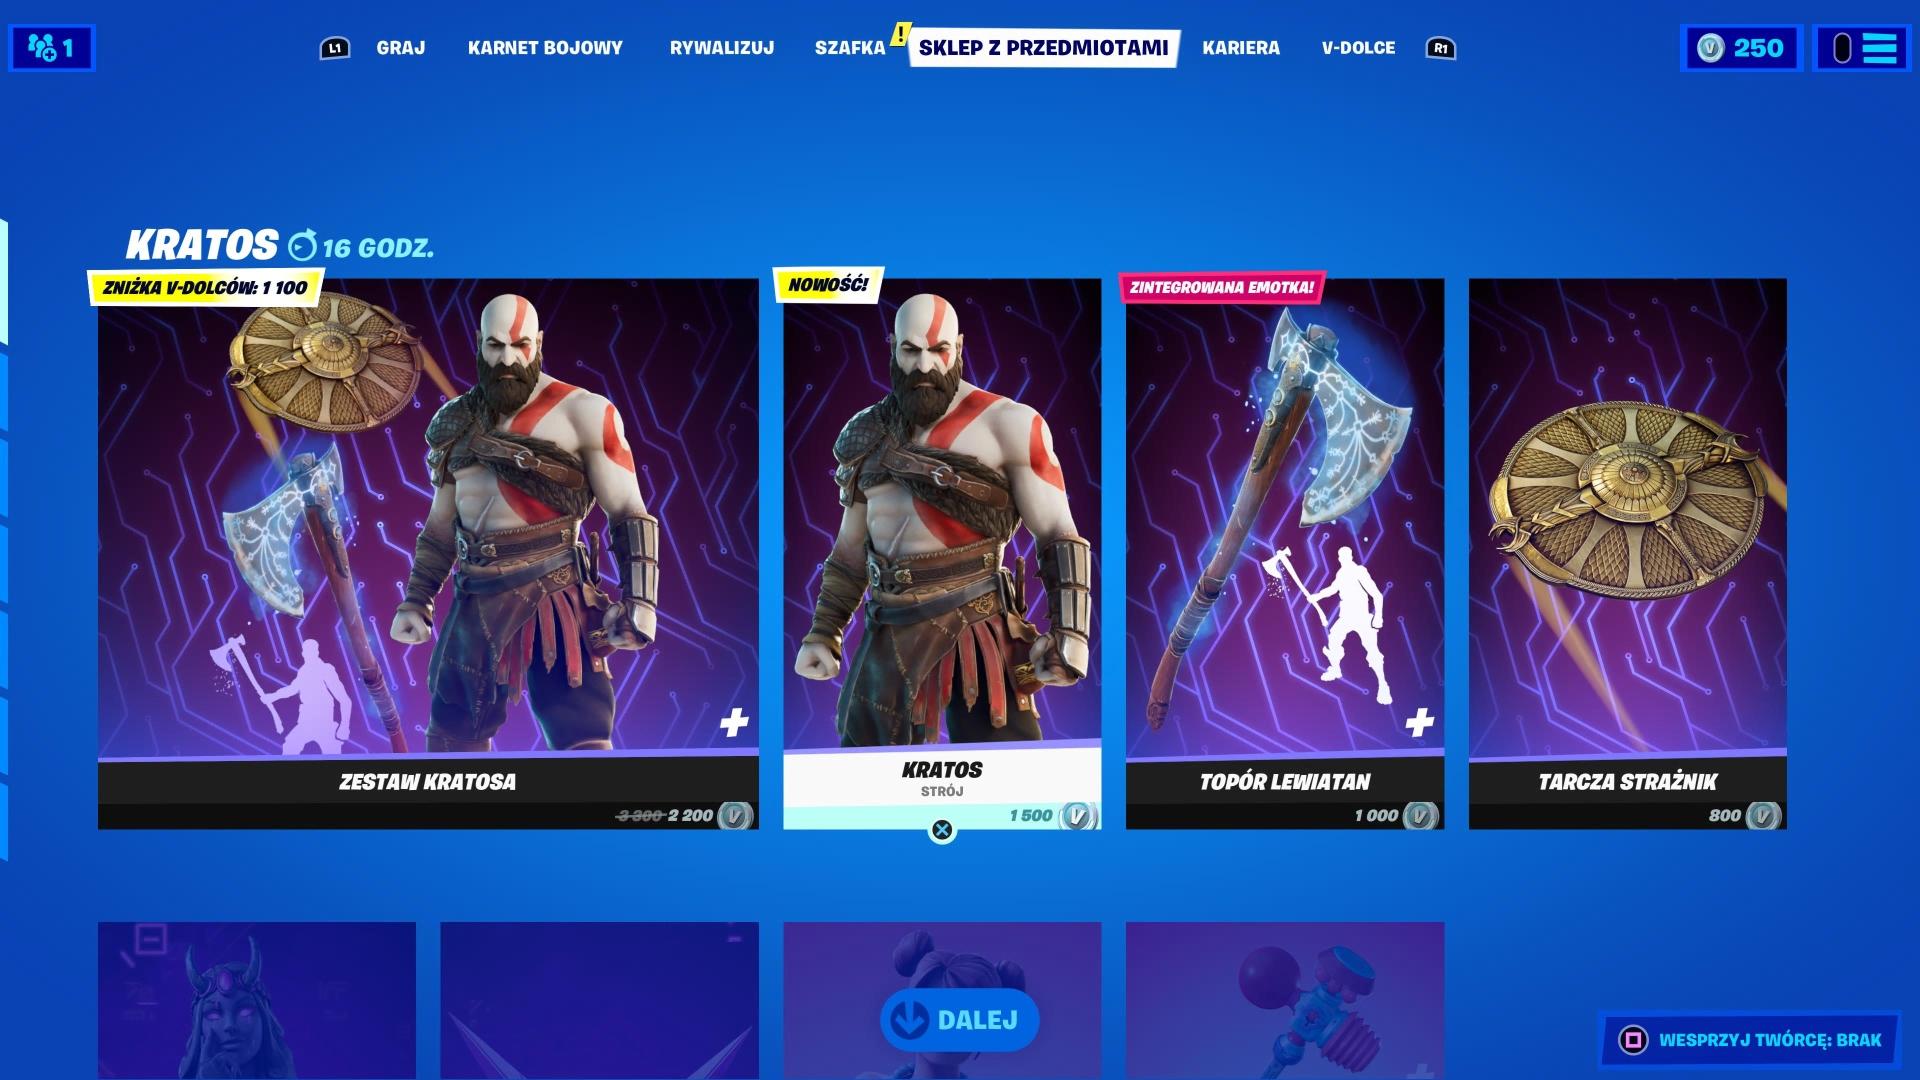 Fortnite Kratos God of War